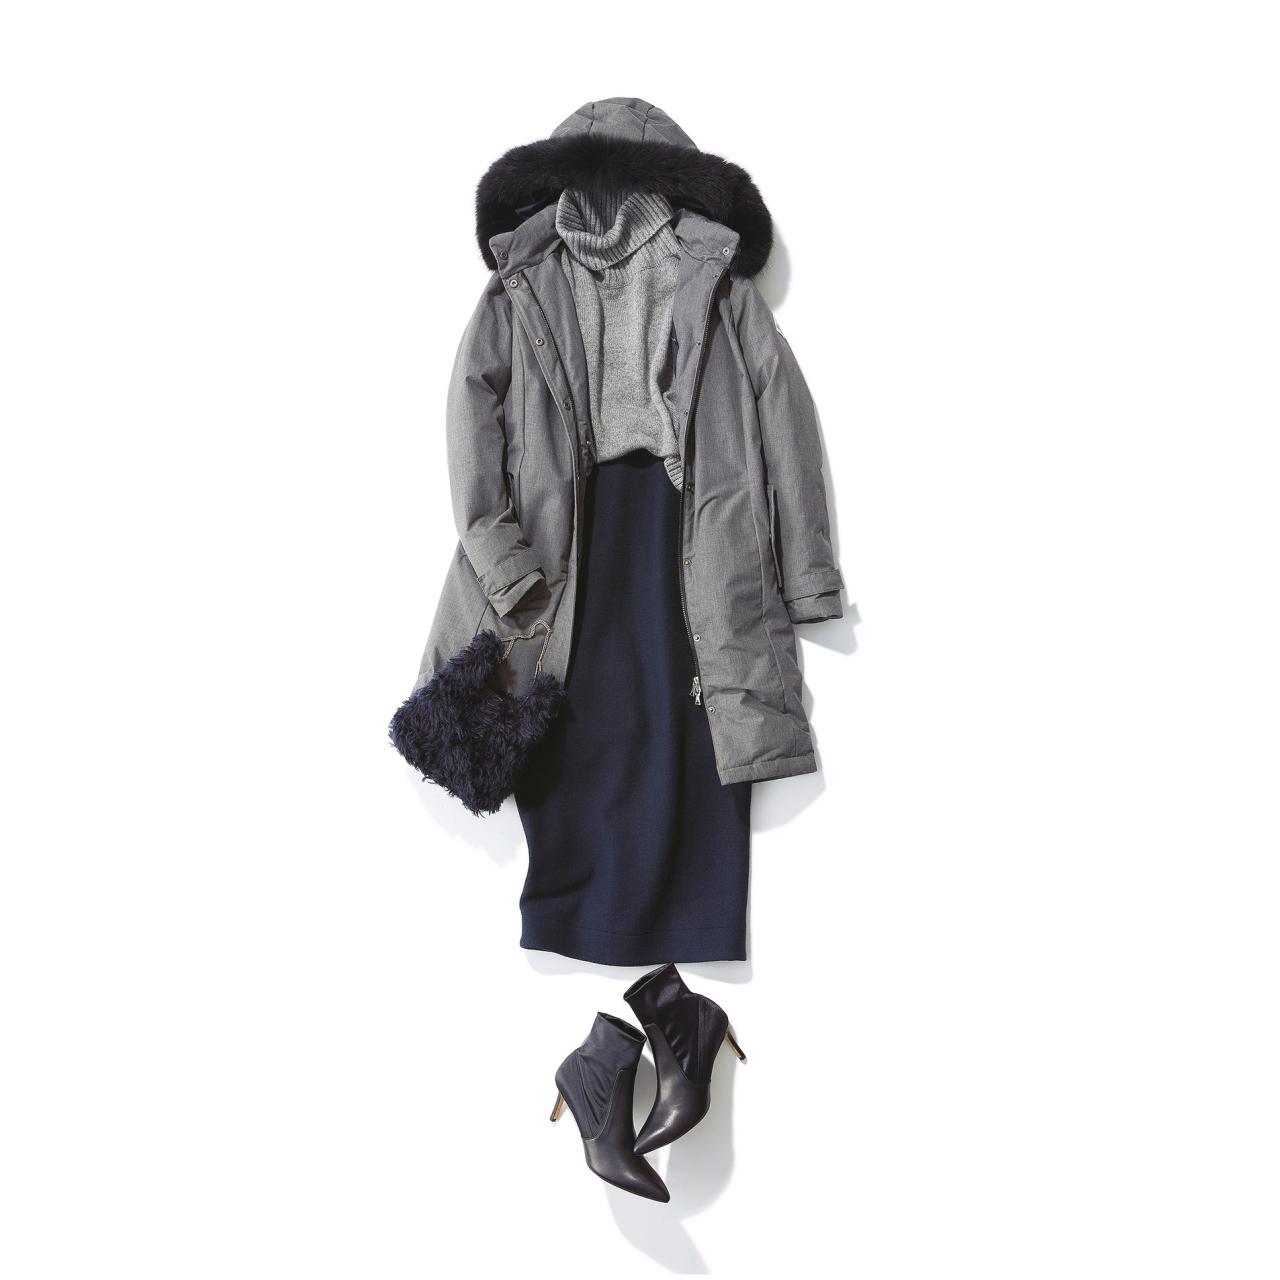 ダウンコート×タイトスカートのファッションコーデ